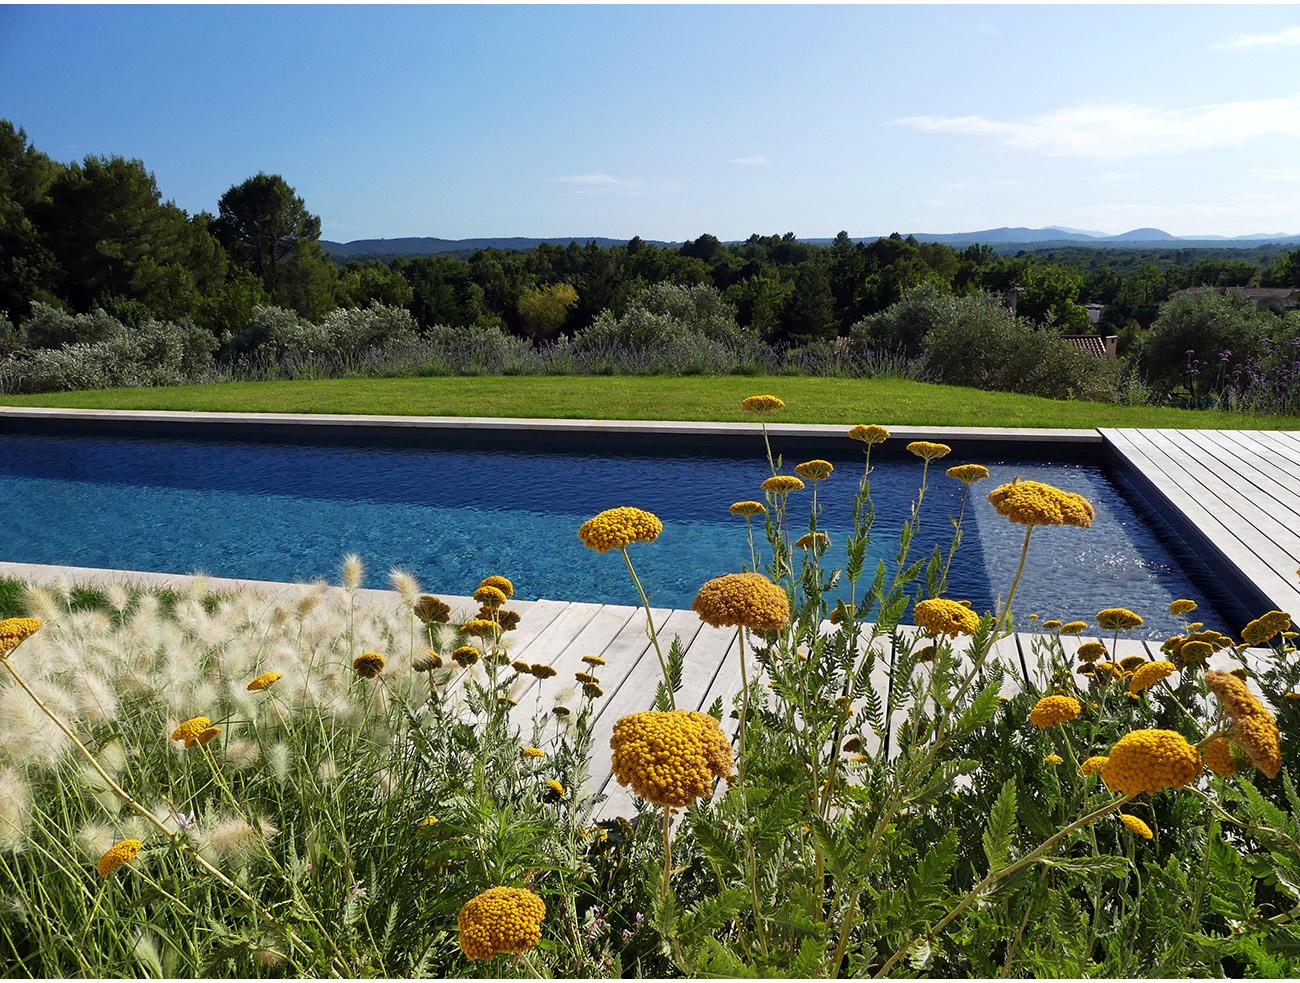 Atelier Naudier - Architecte paysagiste concepteur - Montpellier & Aix en Provence - Jardin et piscine avec vue